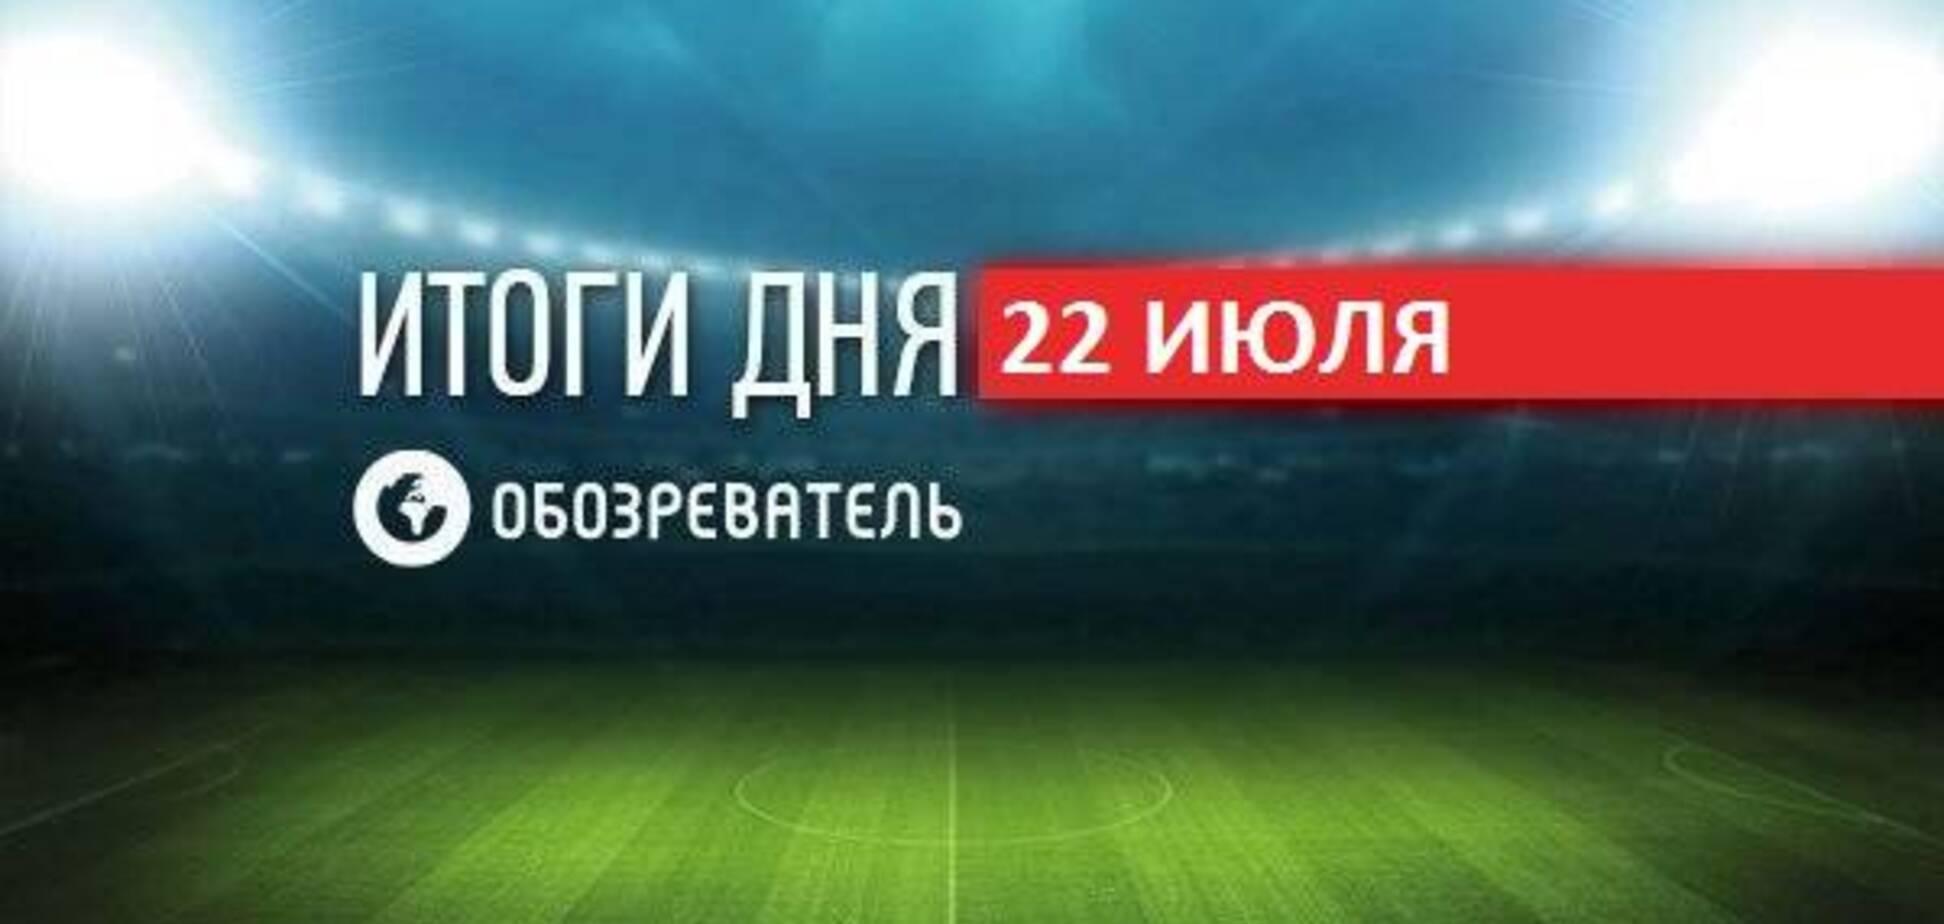 Луческу назвали наиболее вероятным тренером 'Динамо': спортивные итоги 22 июля